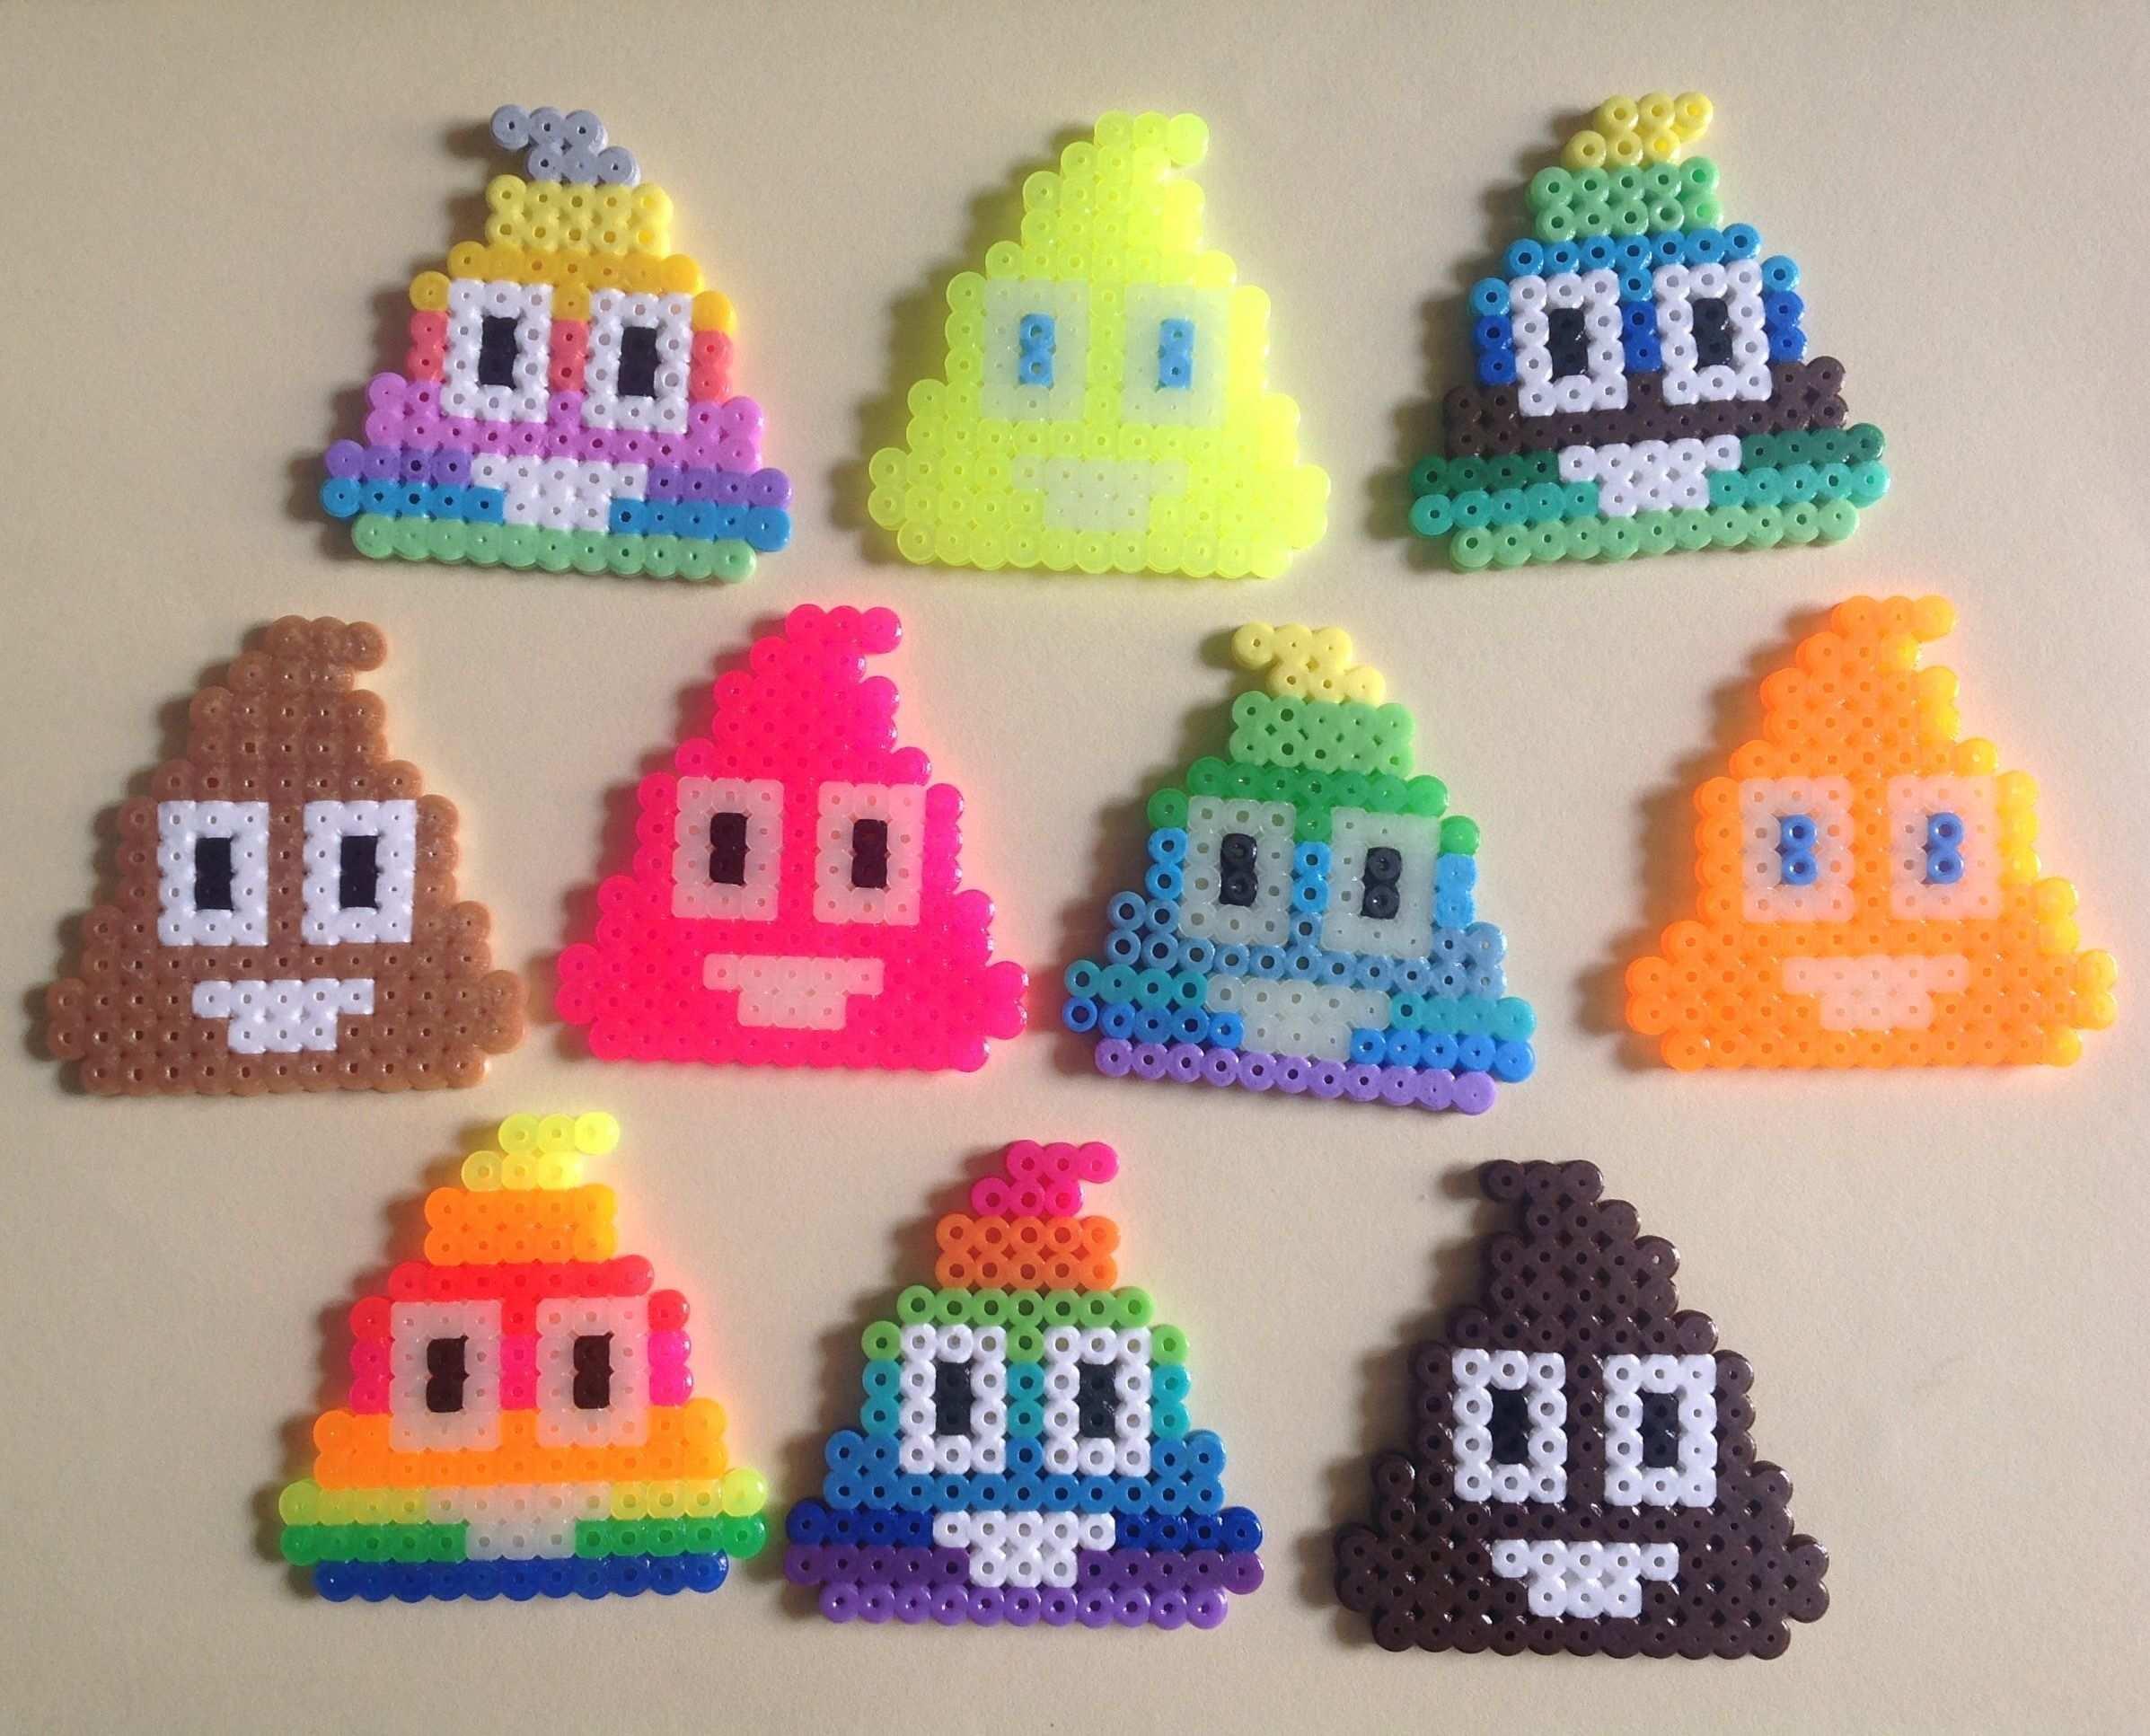 My Emoji Rainbow Hama Beads Pearler Beads Bugelperlen Perler Bead Emoji Hama Beads Patterns Iron Beads